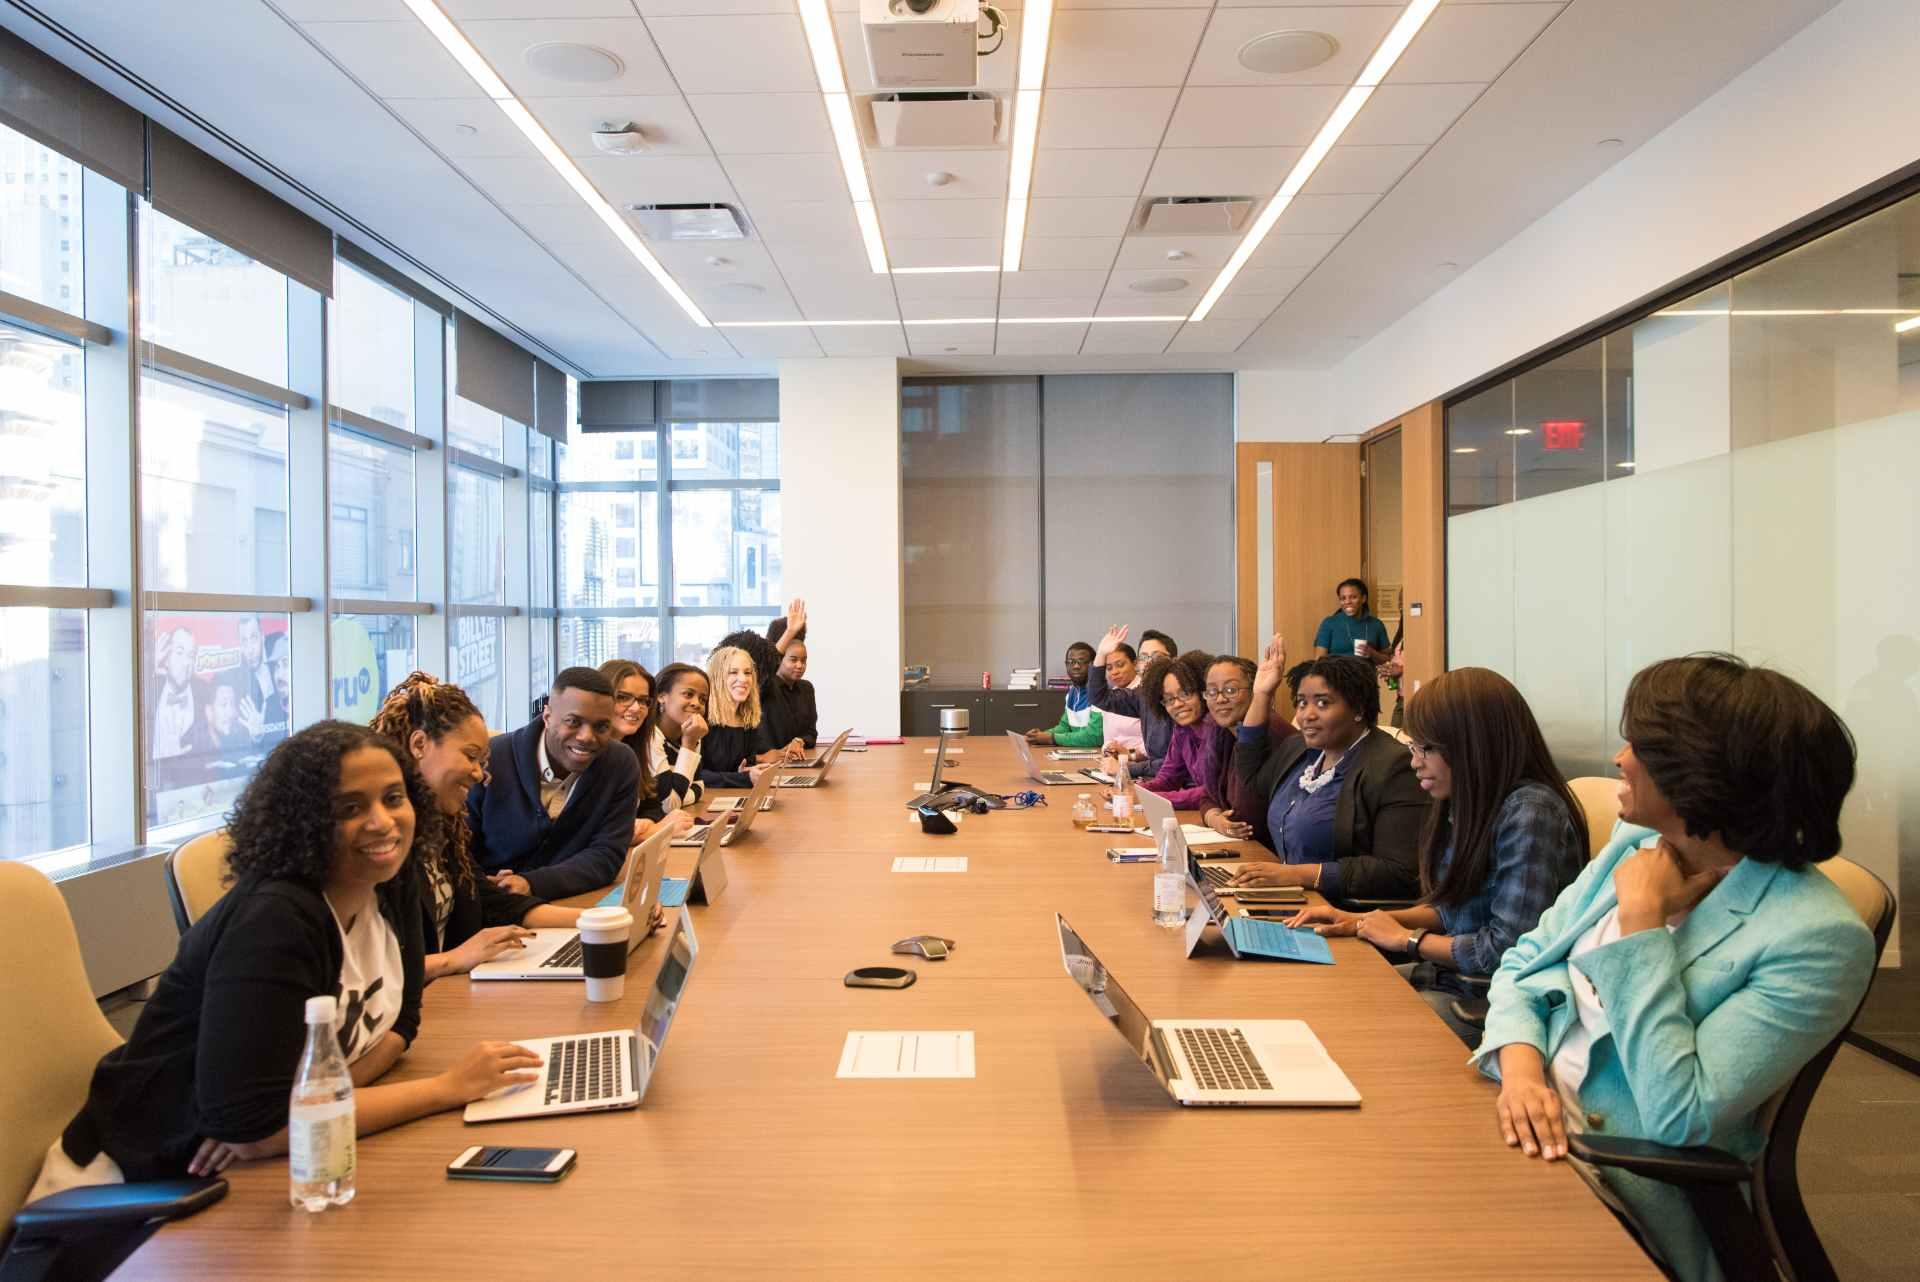 Großer Meetingroom mit vielen Menschen